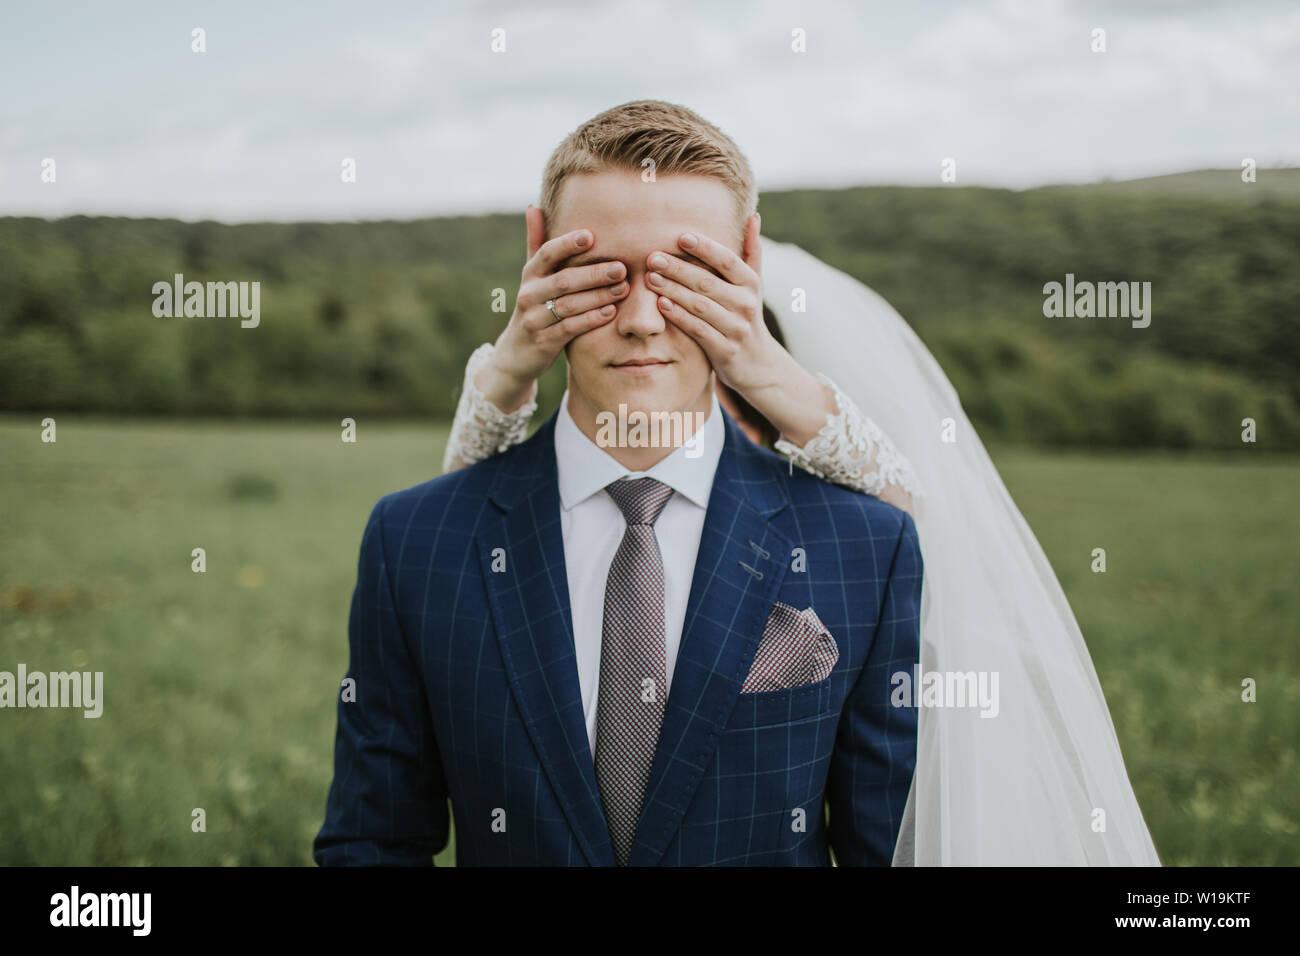 Braut, die Augen des Bräutigams. Portrait der junge Bräutigam wartet auf Wiese und Braut, die hinter ihm stehen, die seine Augen. Stockfoto